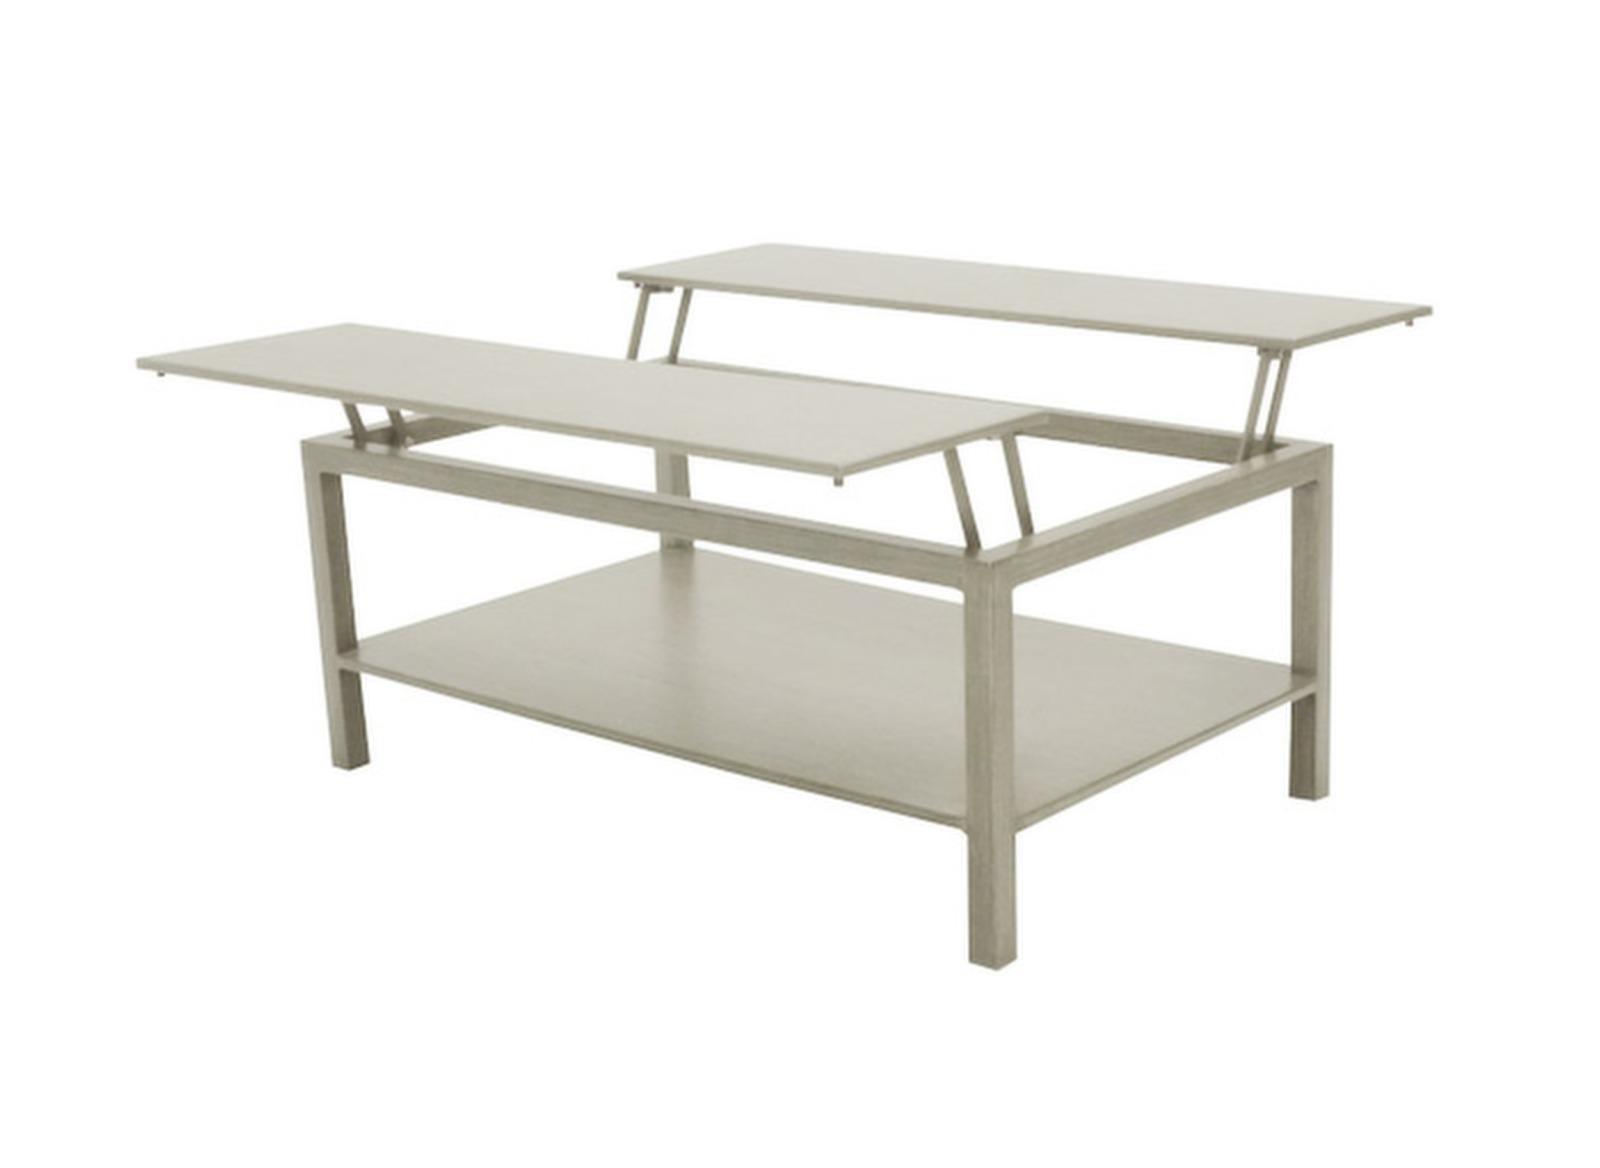 Table basse Romane 120 cm - Mobilier de jardin de détente ...